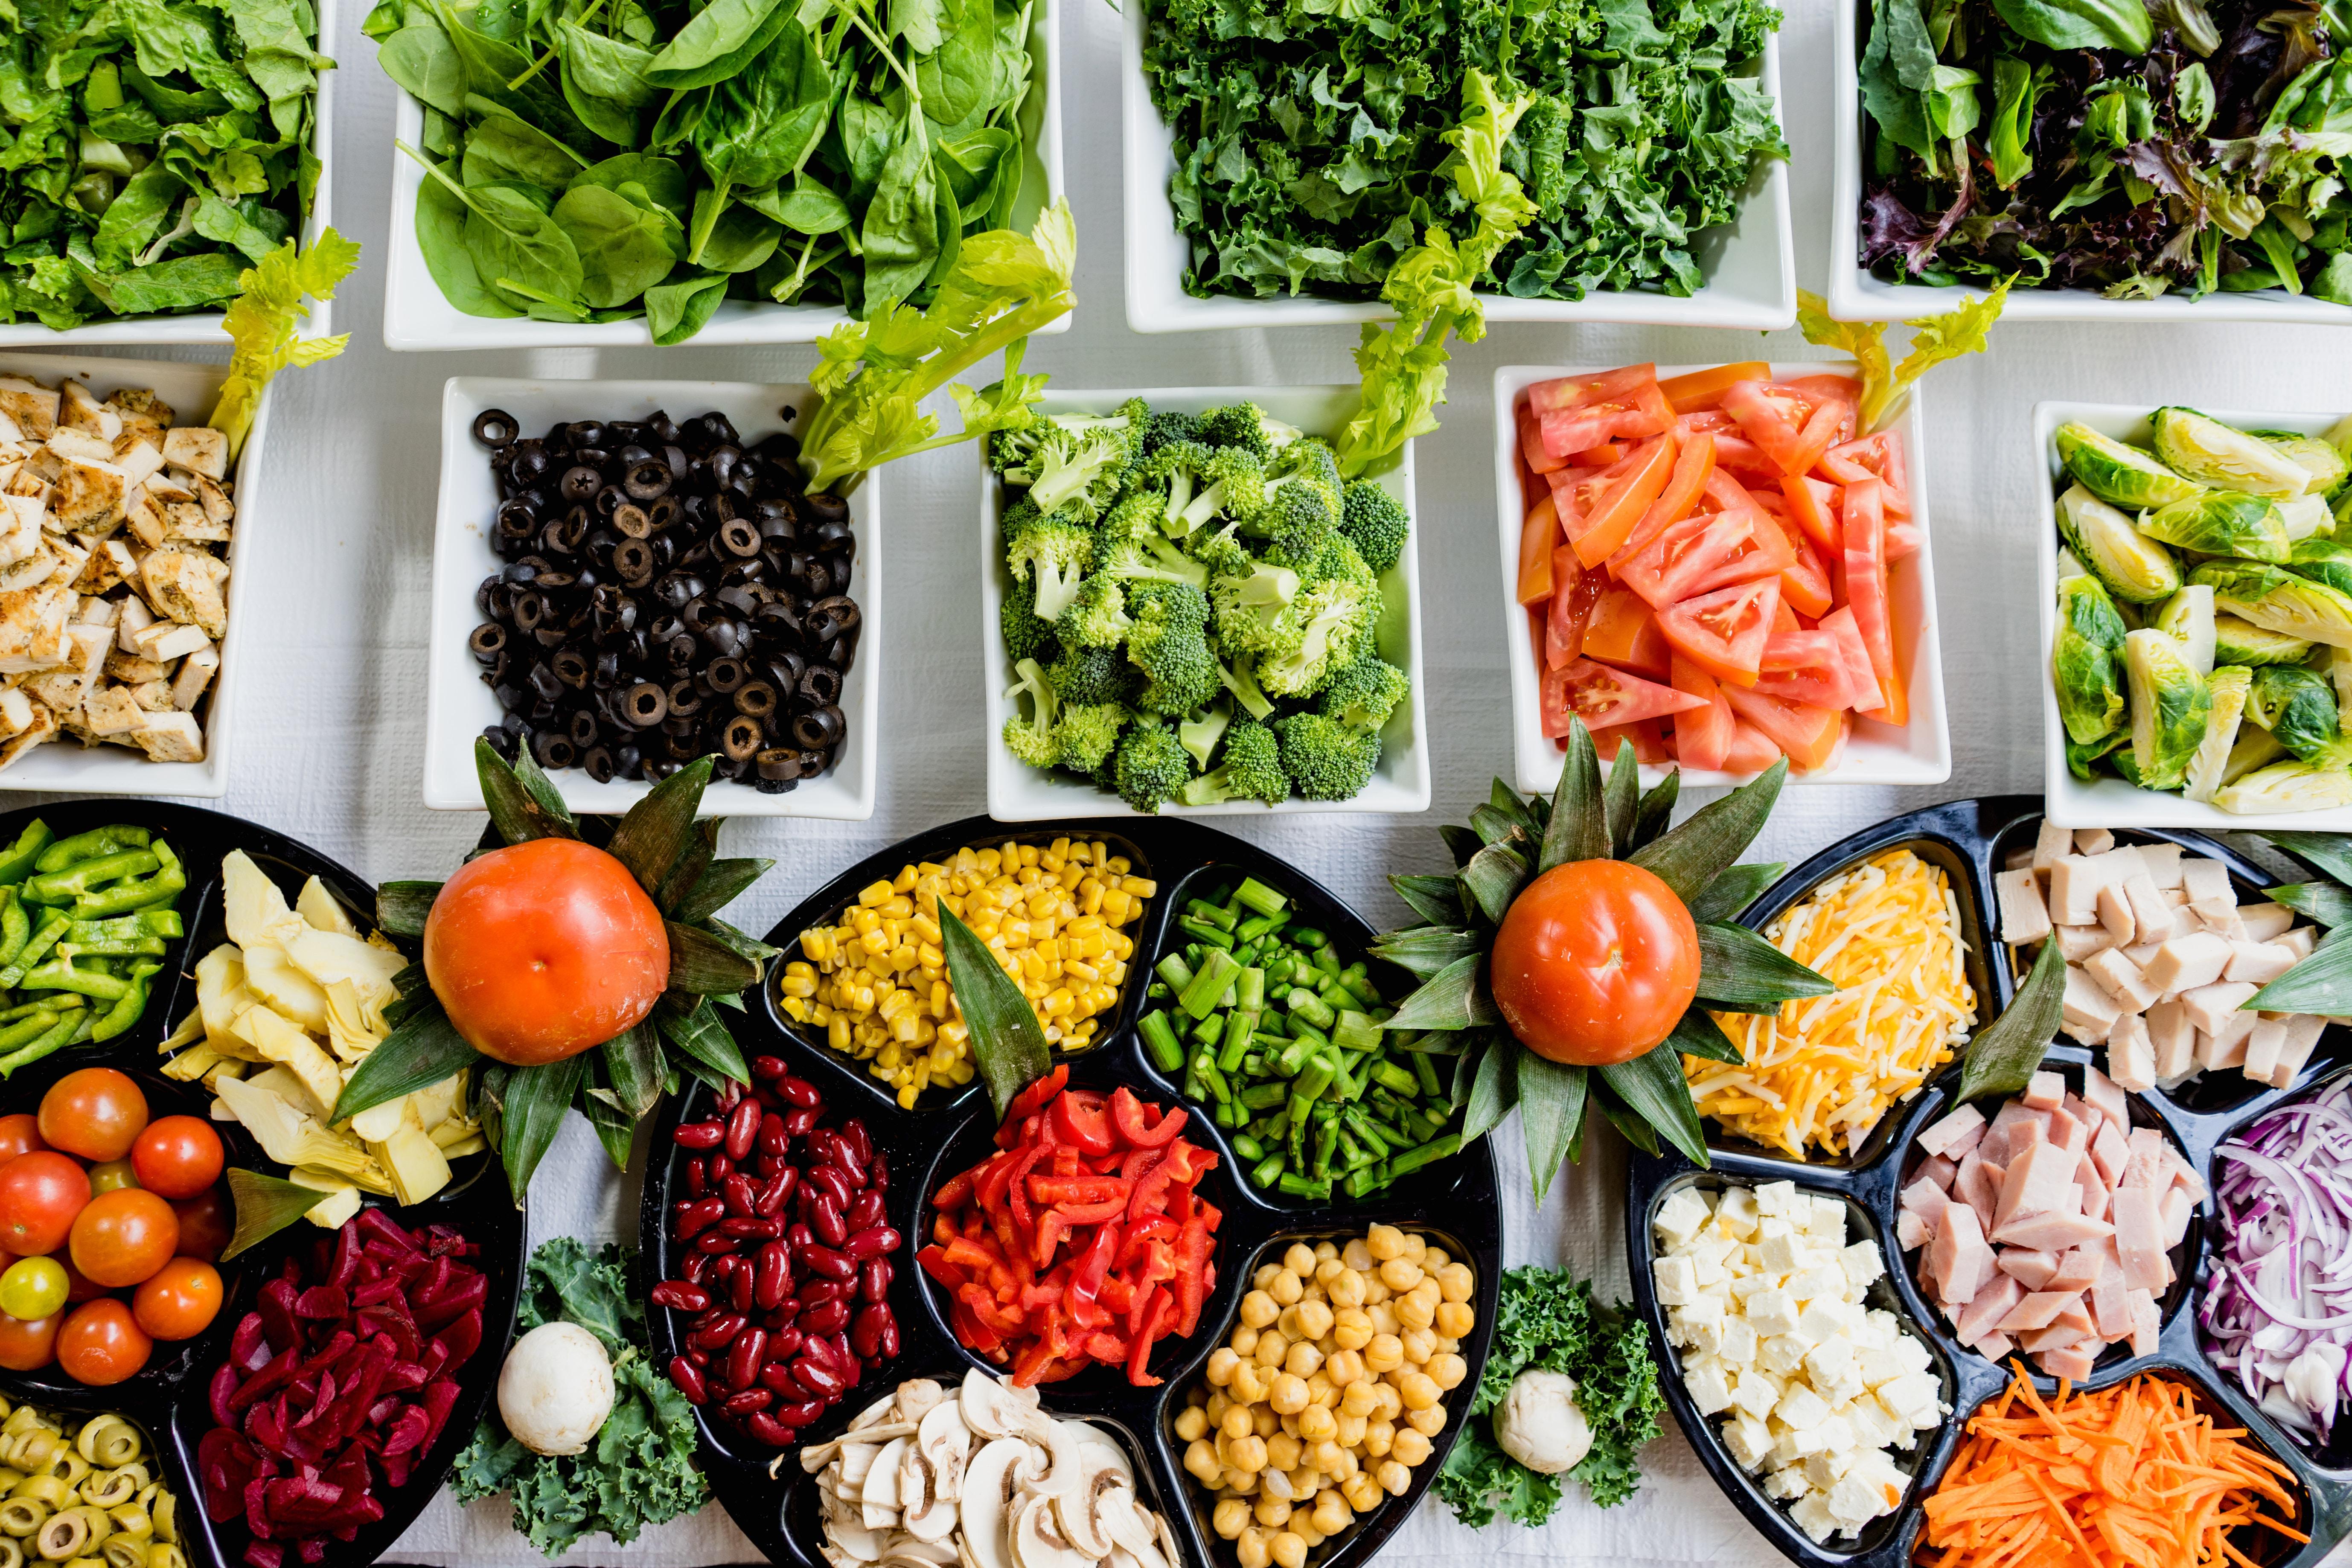 різноманітні продукти харчування